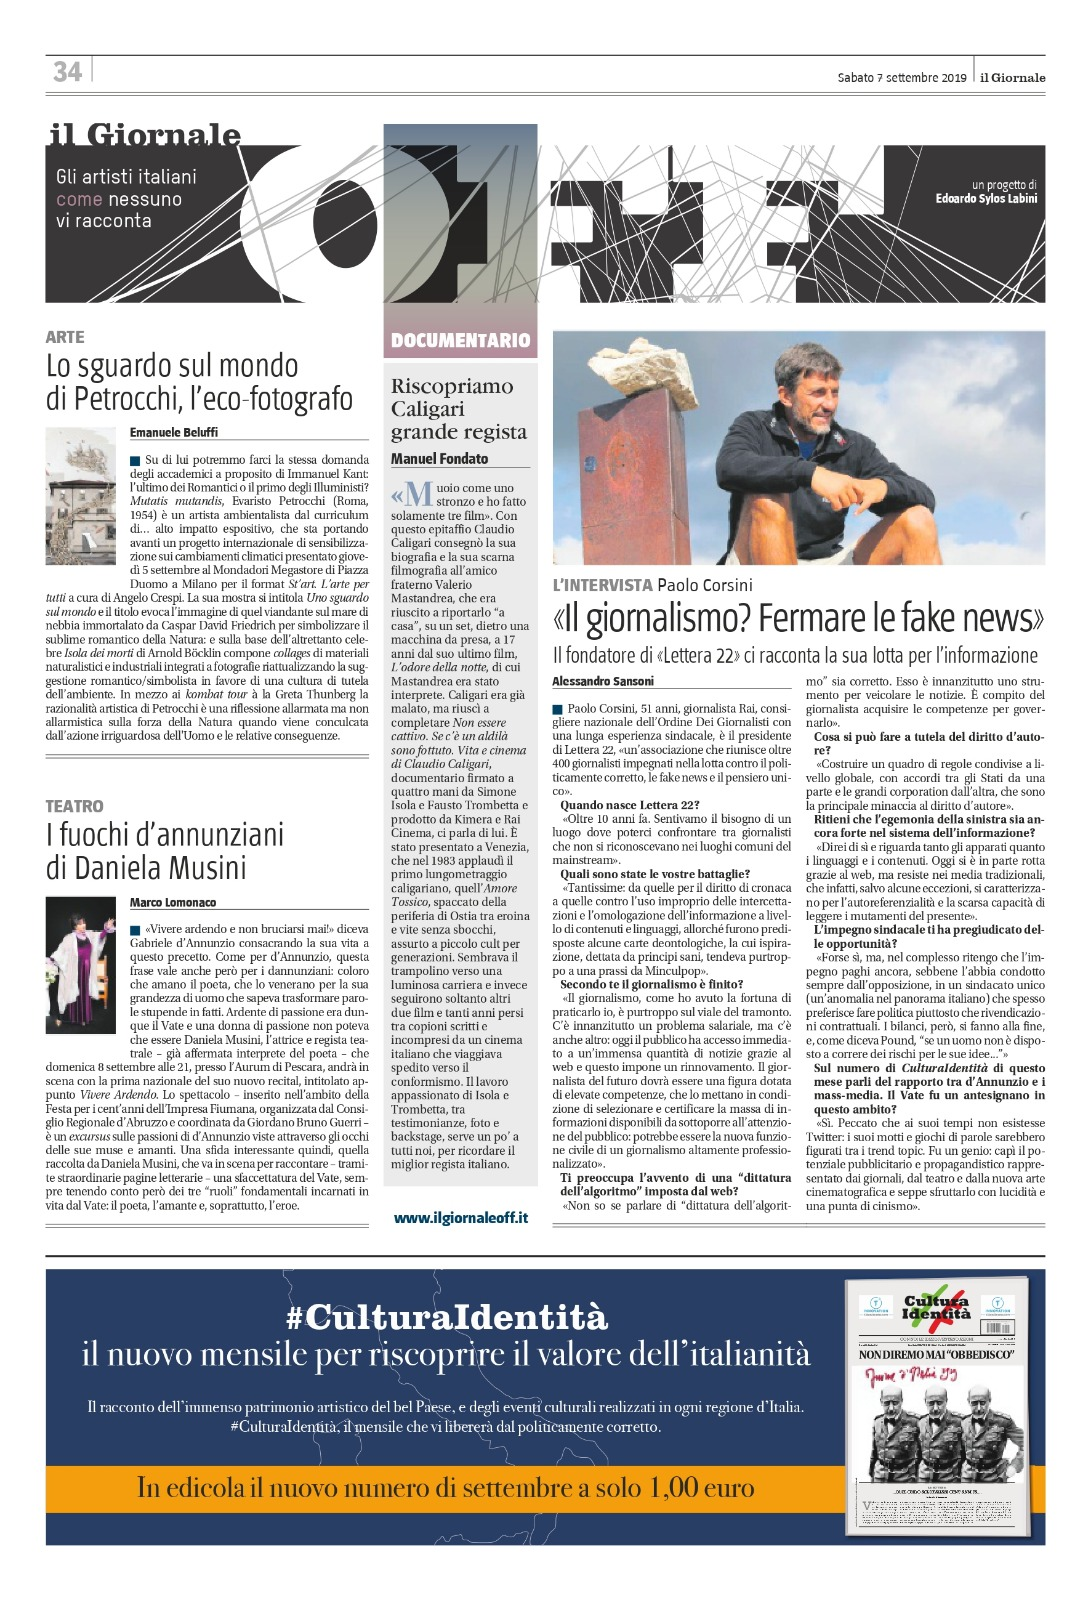 Il Giornale 7 settembre 2019